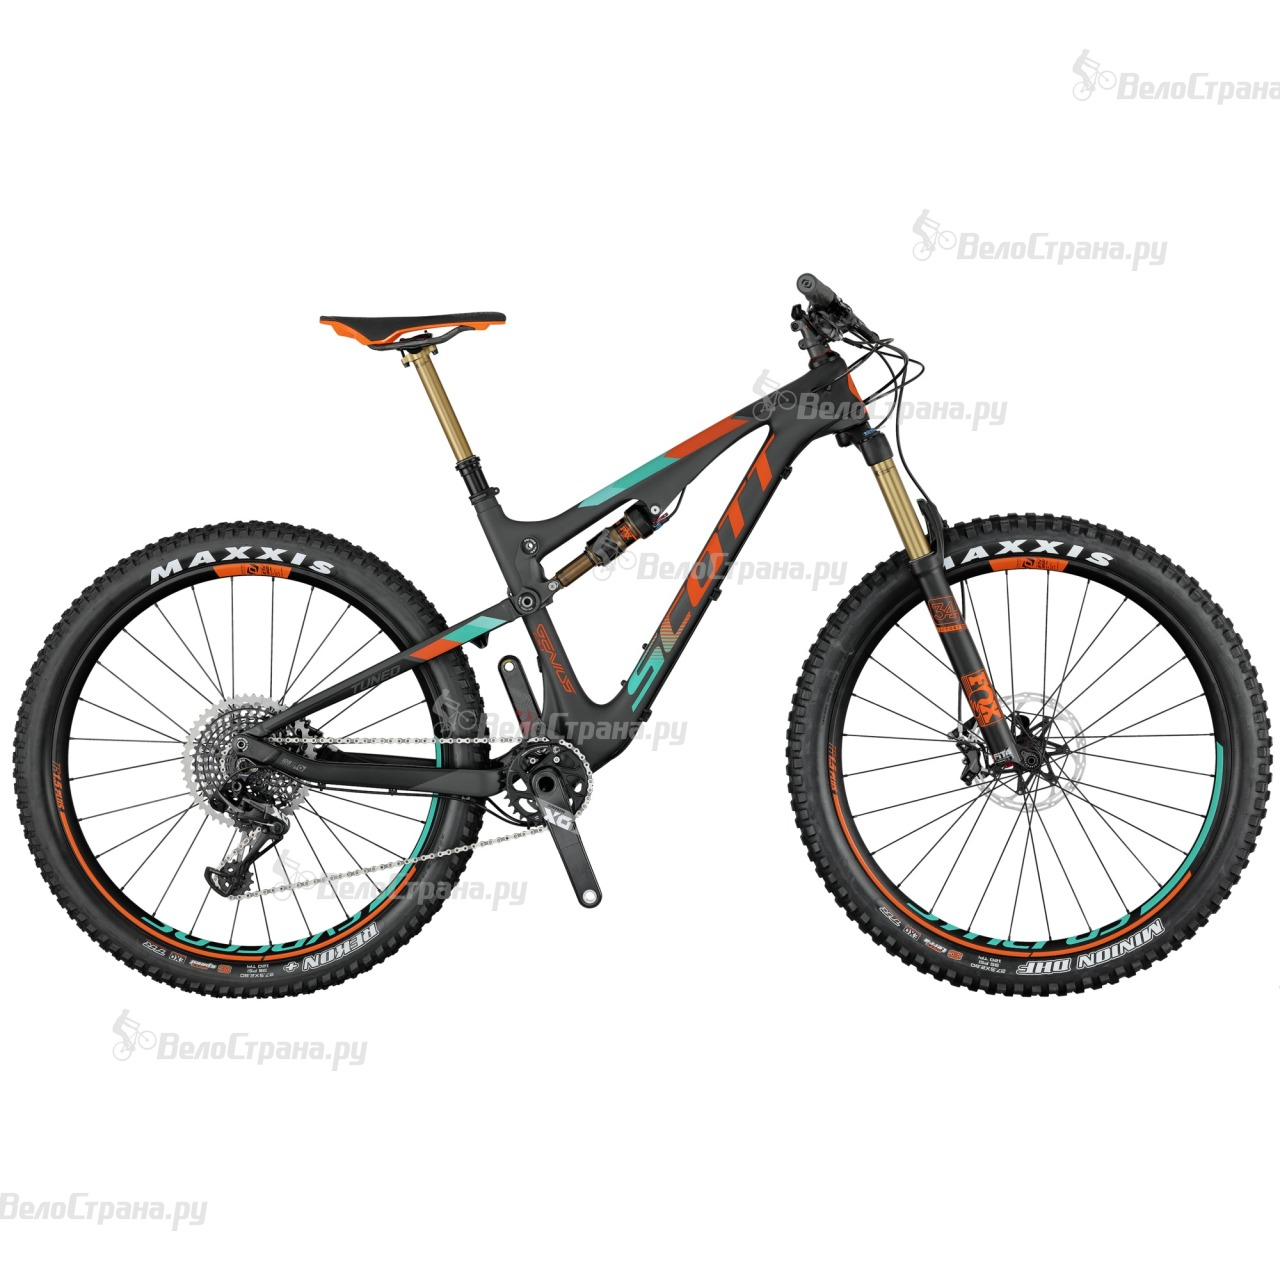 Велосипед Scott Genius 700 Plus Tuned (2017)